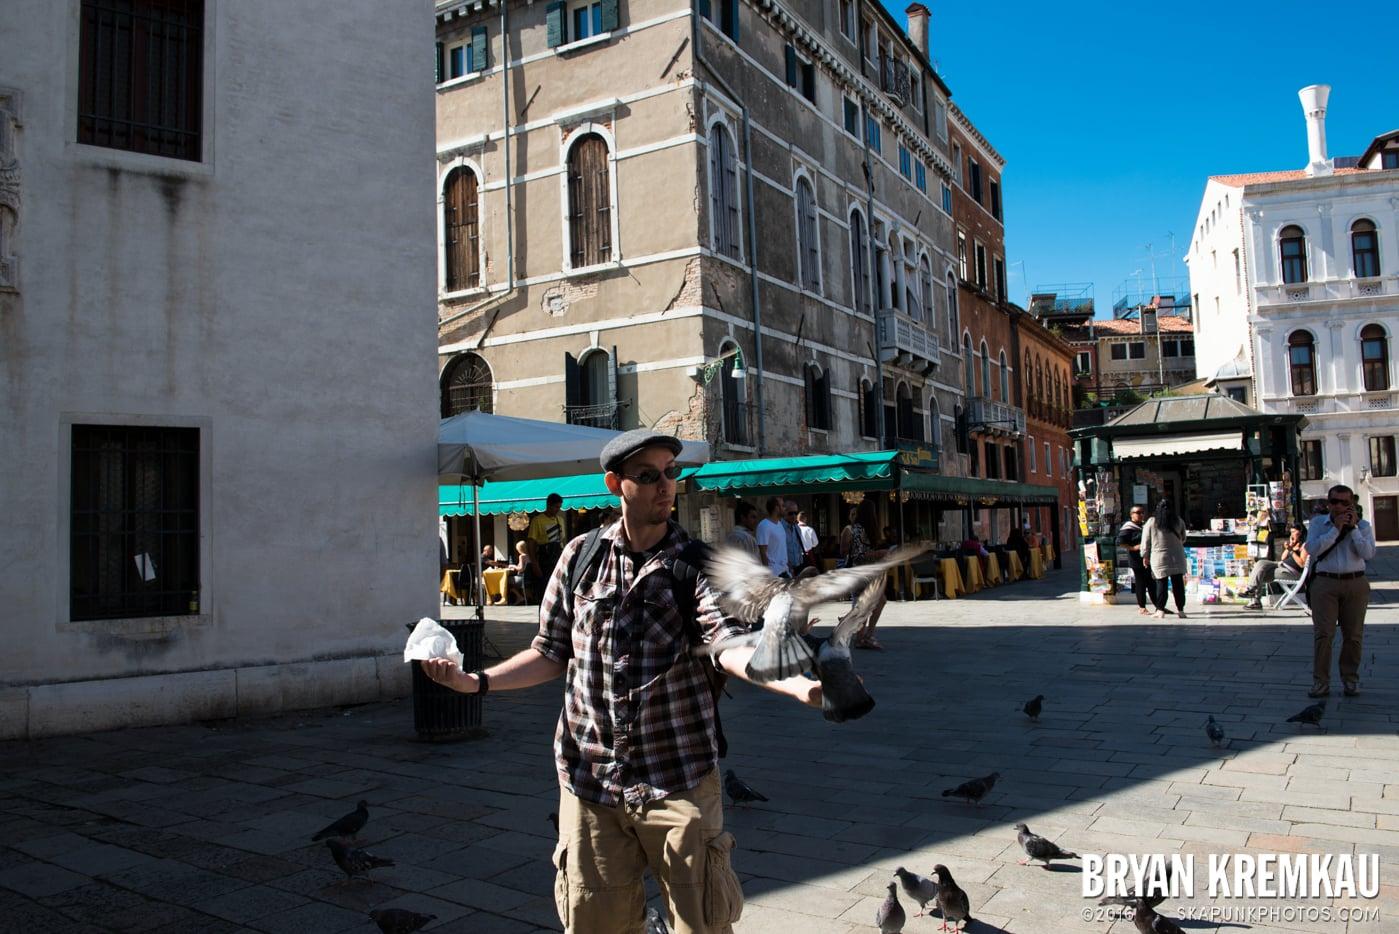 Italy Vacation - Day 4: Venice - 9.12.13 (72)